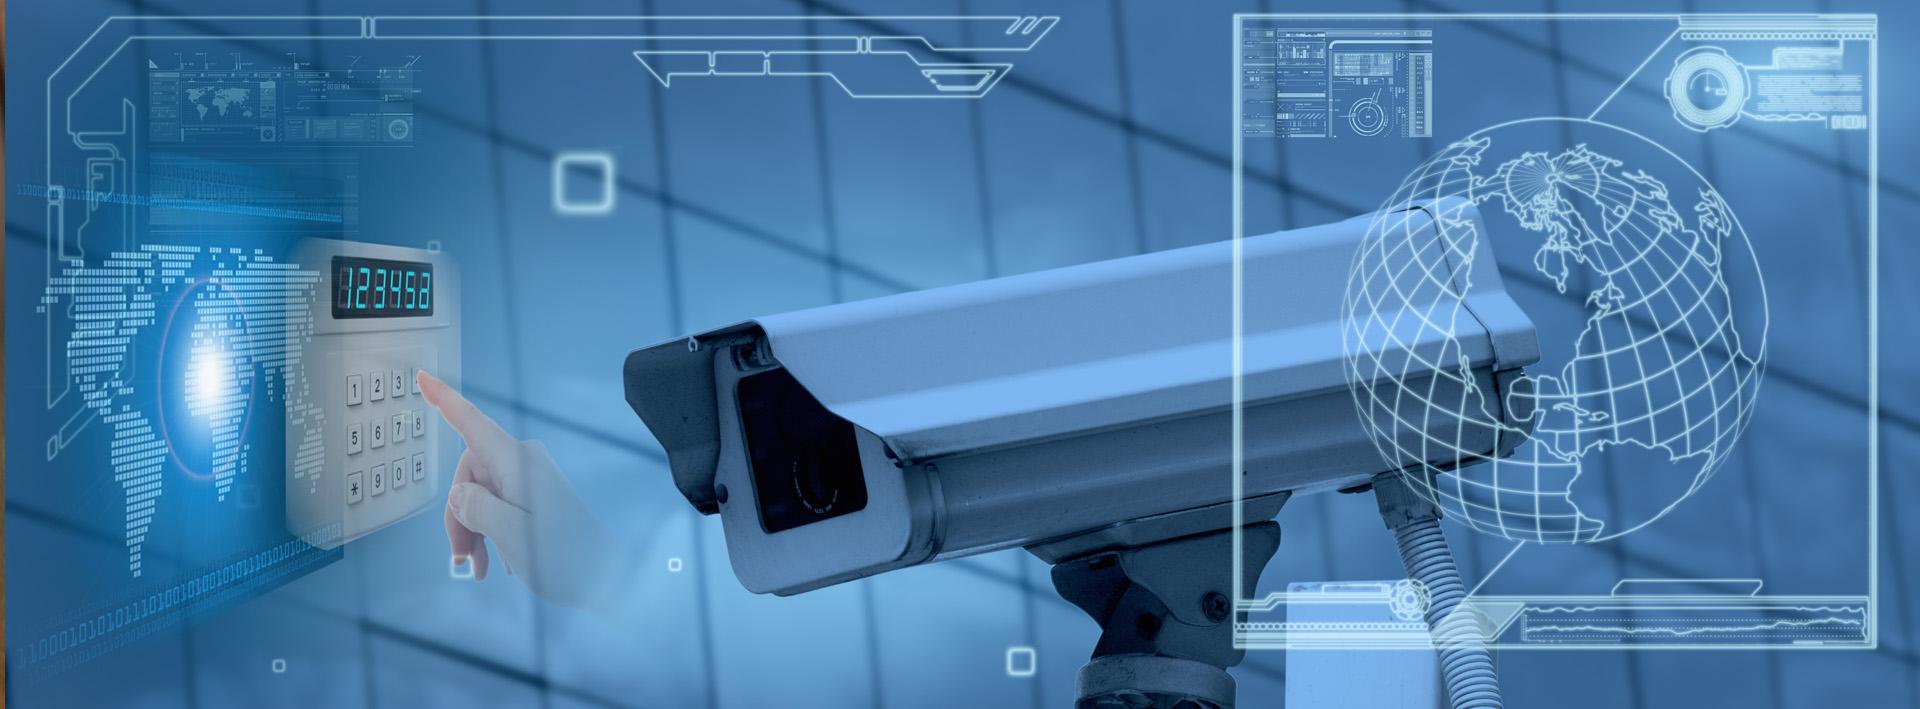 Güvenlik & Alarm Sistemleri